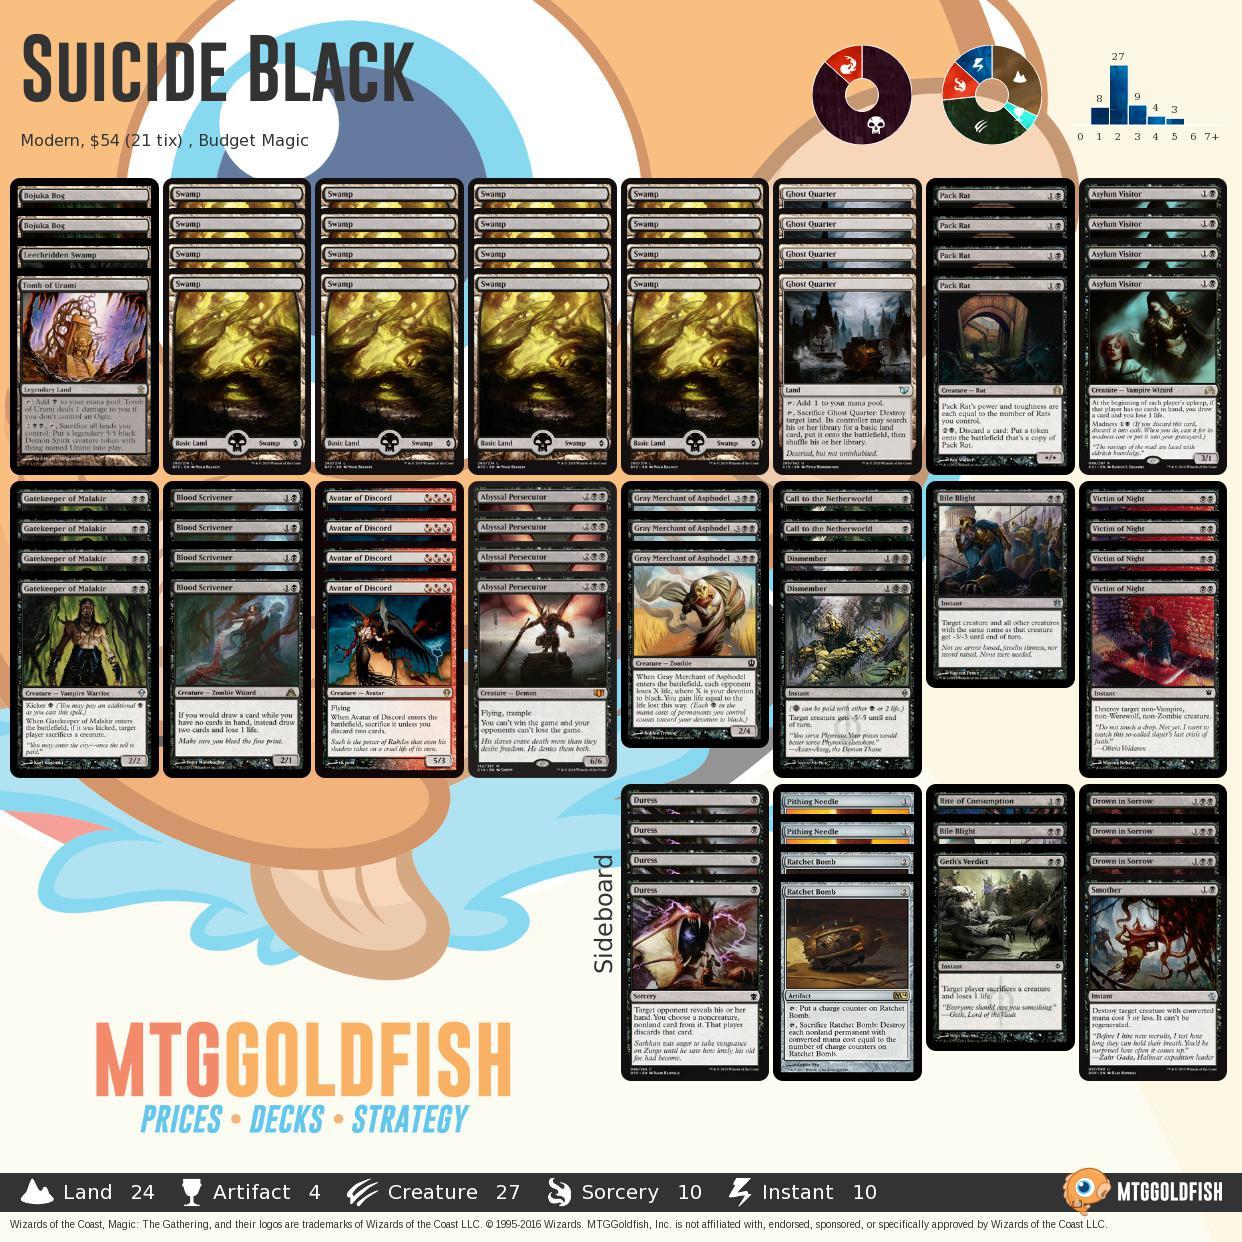 Suicideblack